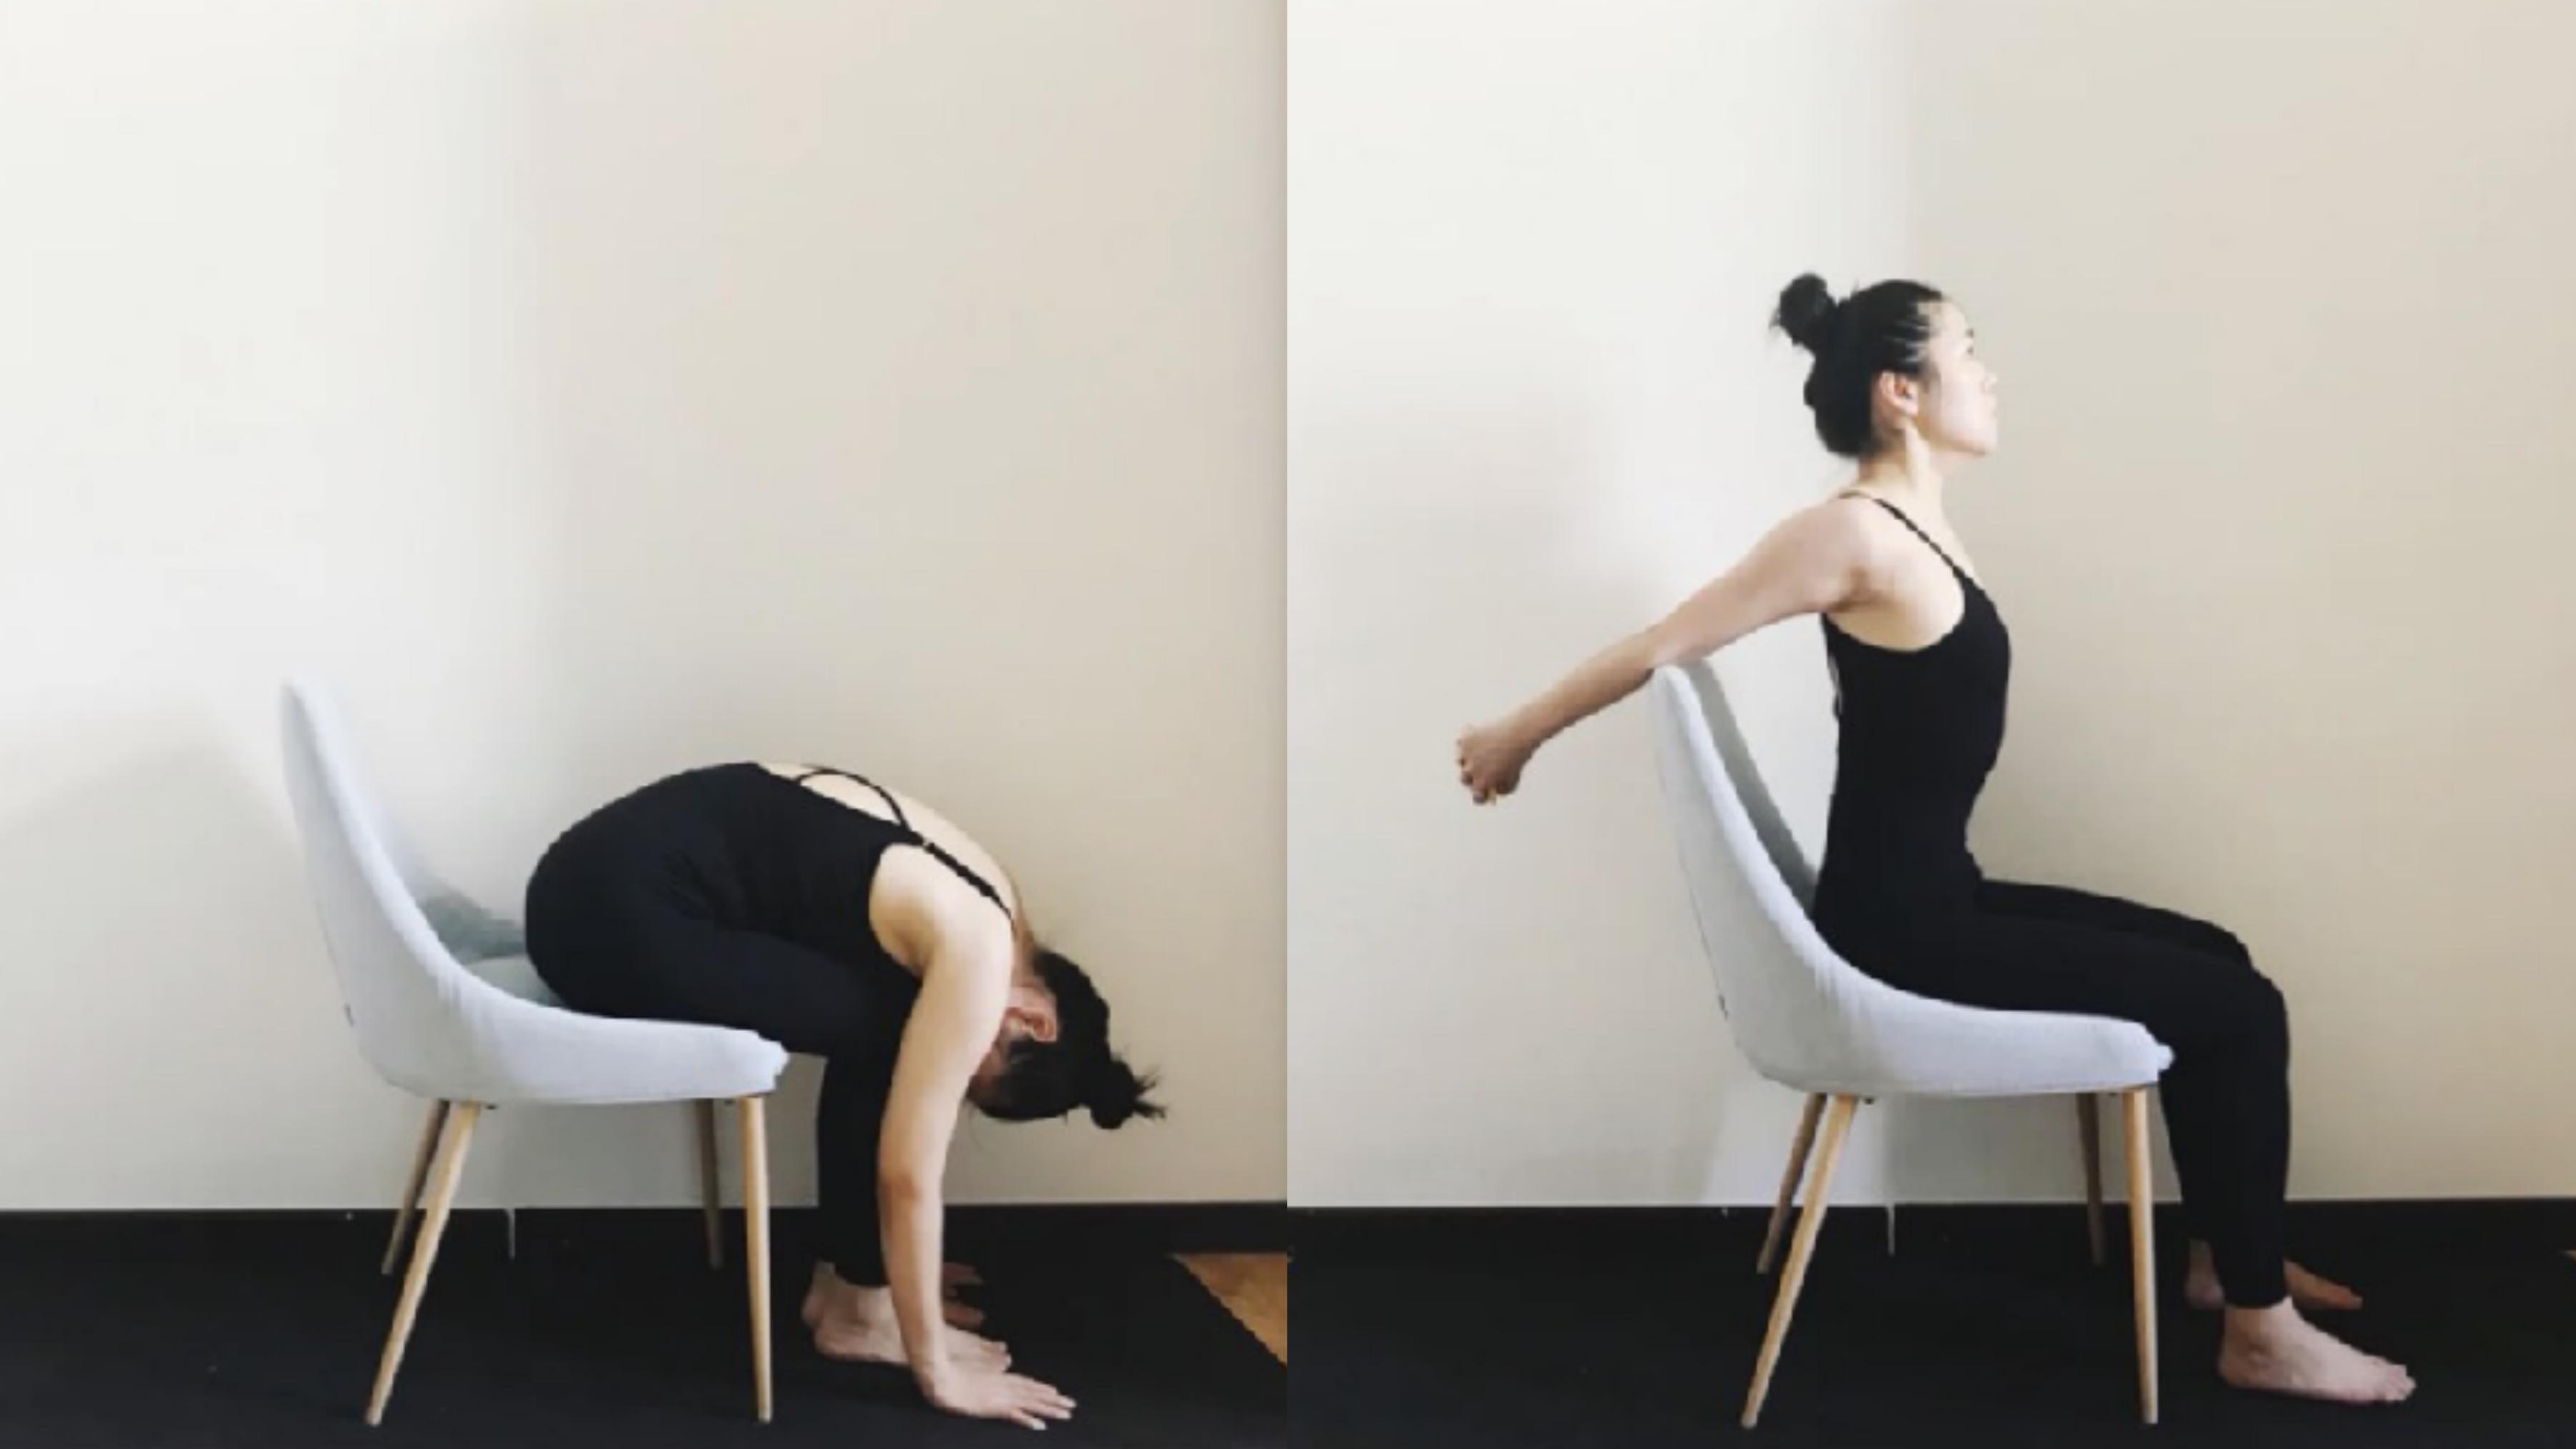 練習的過程中,要注意去感受肩頸的放鬆和拉伸